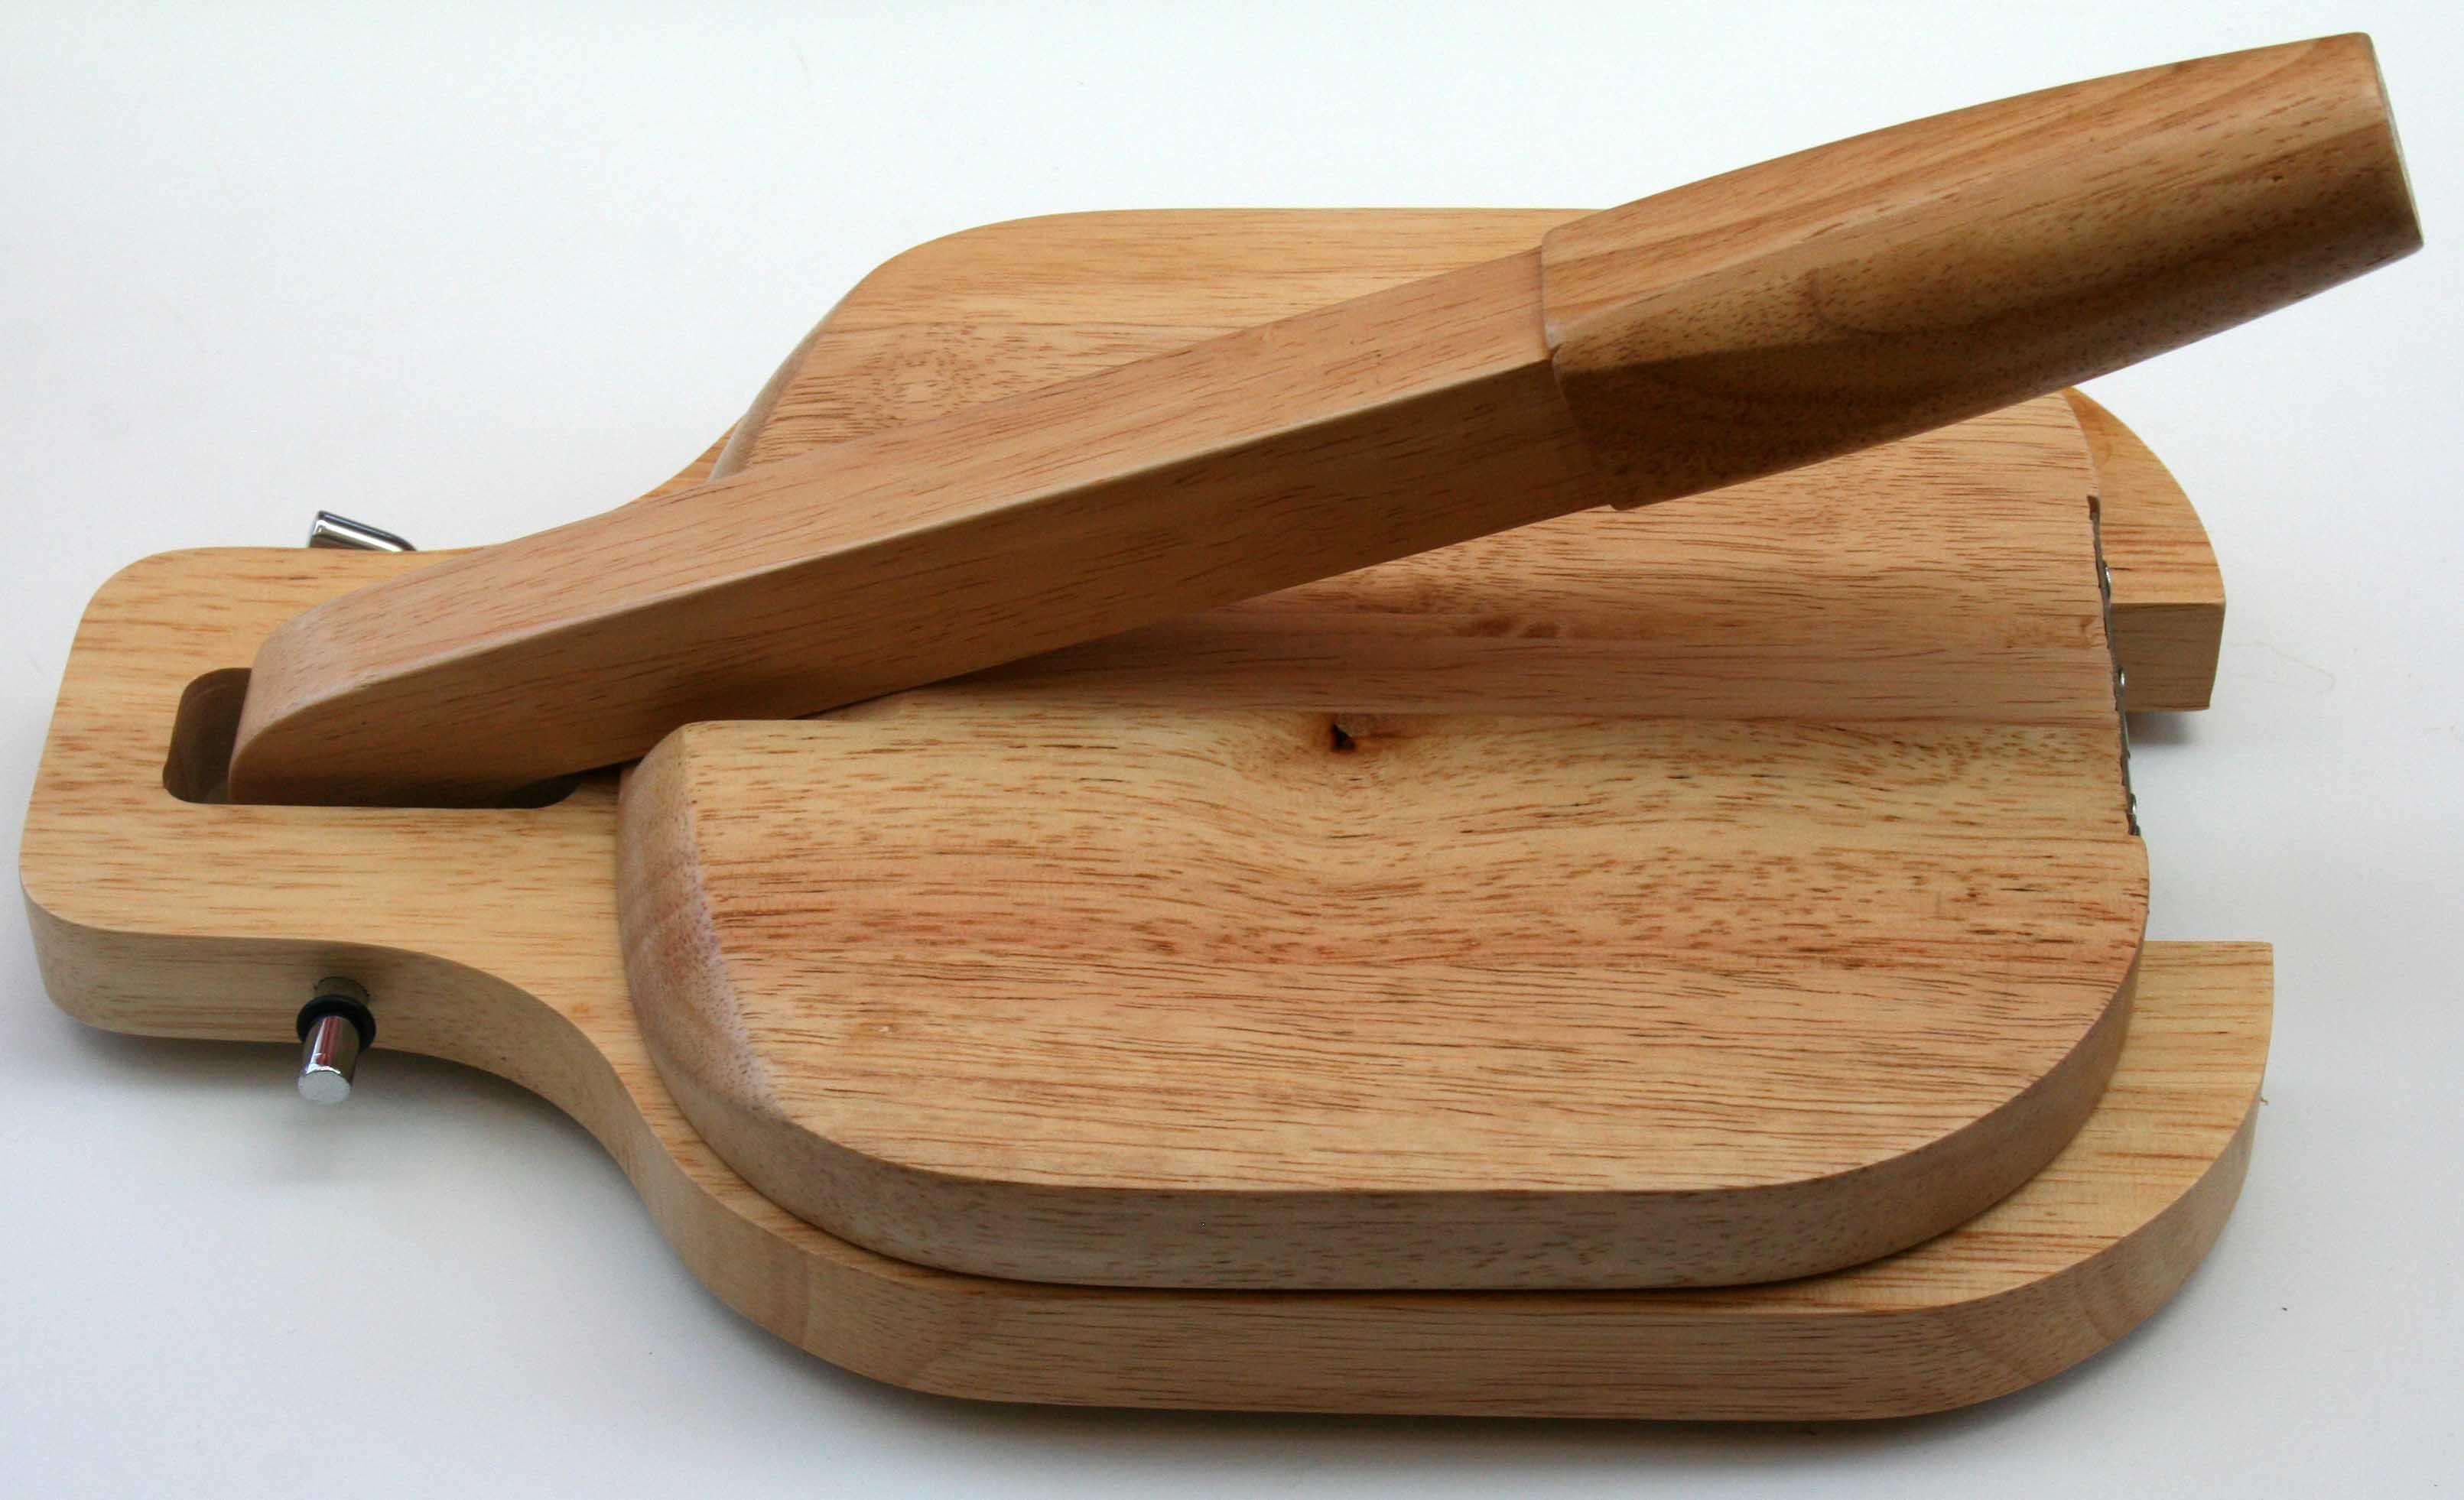 plancha de madrea para hacer tortillas